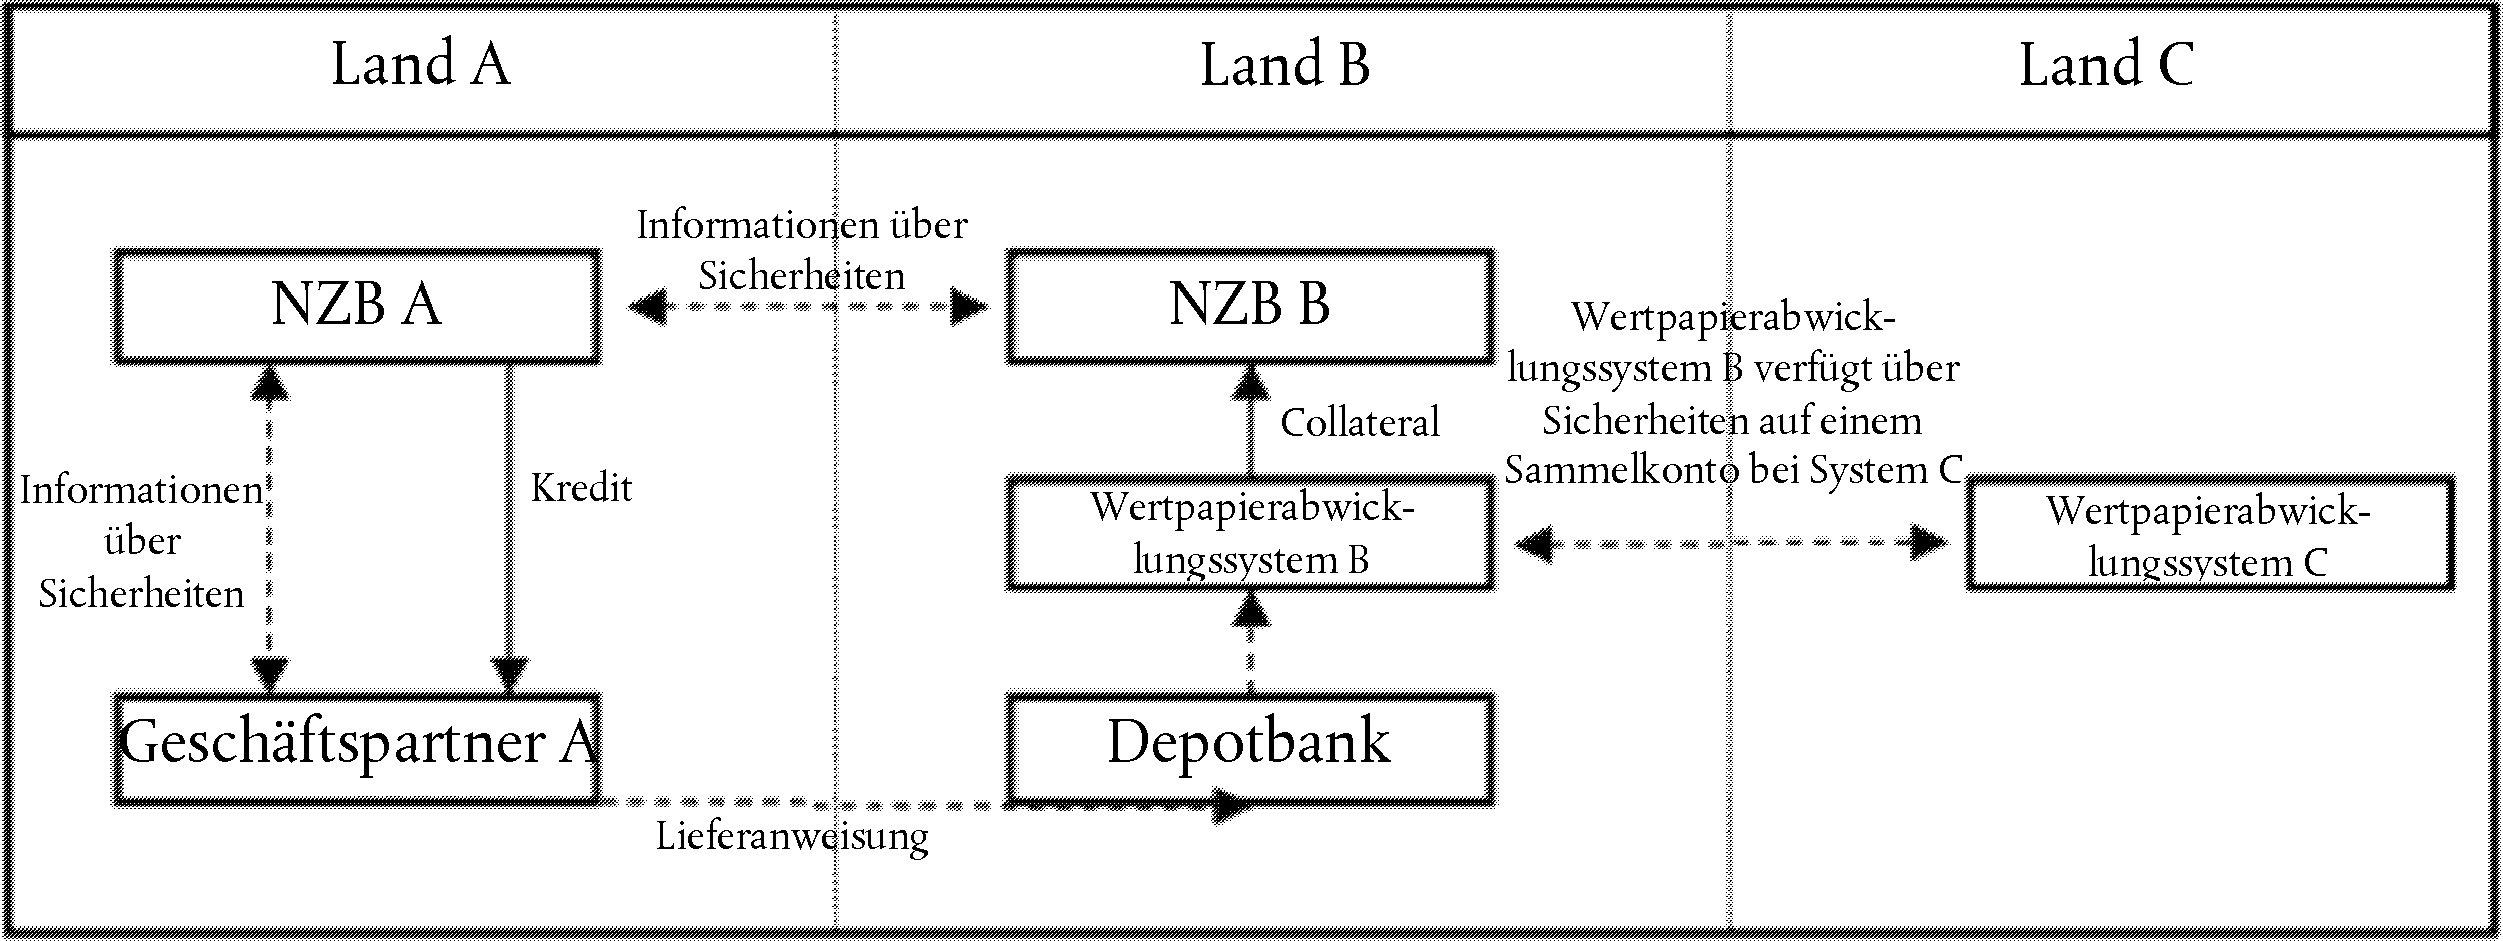 Wenn Notenbankfahige Sicherheiten In Form Von Wertpapieren Uber Das Korrespondenzzentralbank Modell In Kombination Mit Verbindungen Ubertragen Werden Sollen